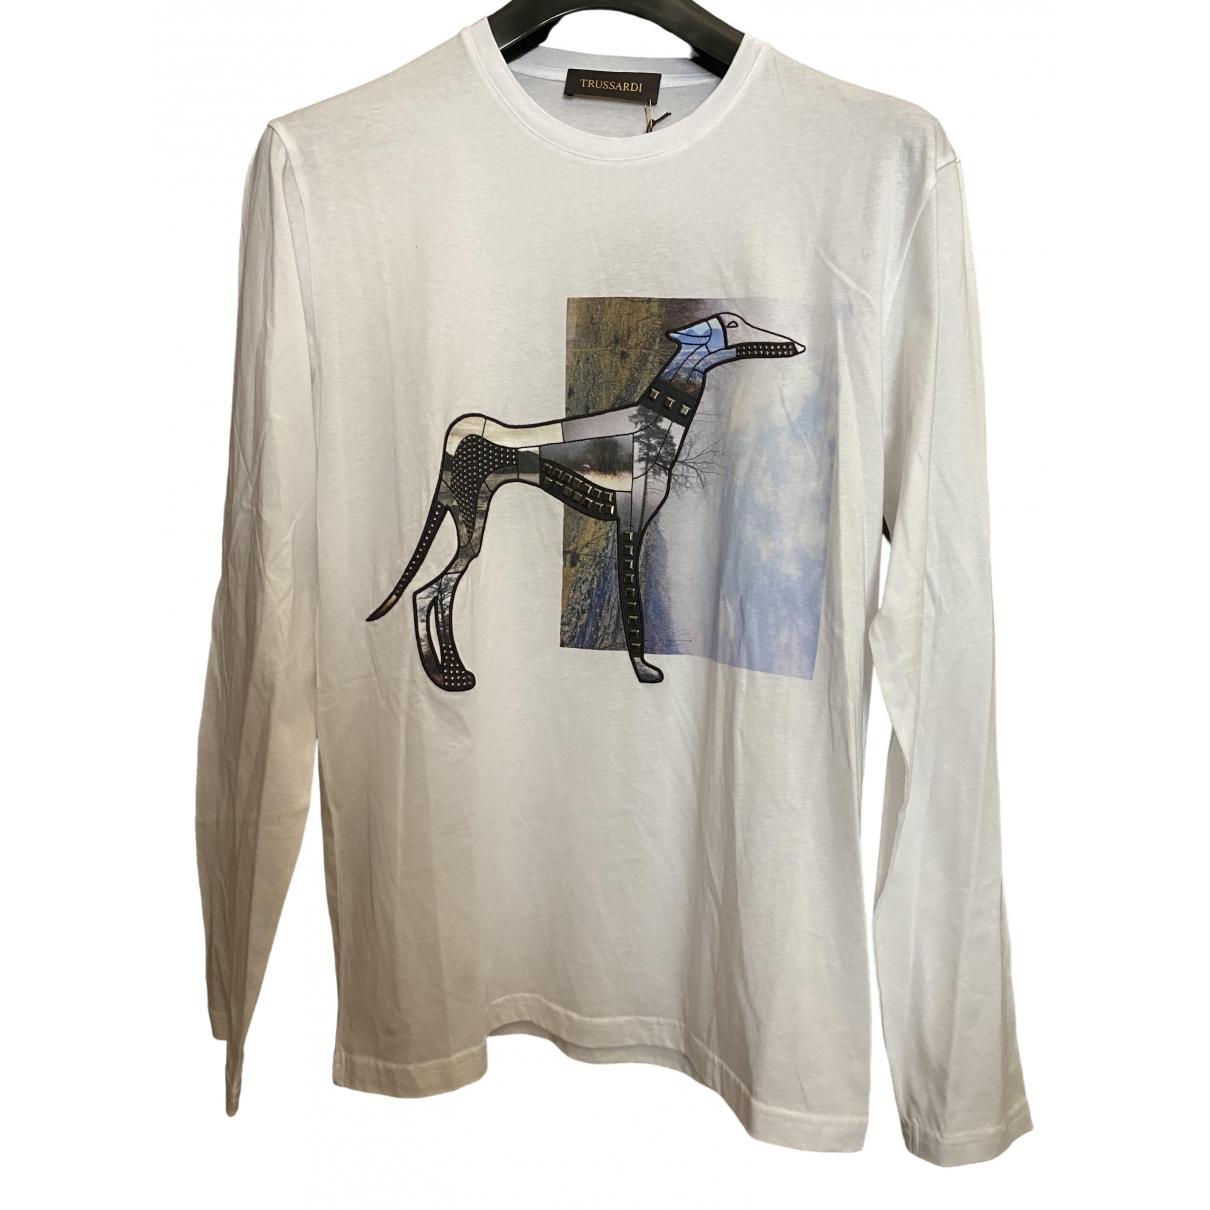 Trussardi - Tee shirts   pour homme en coton - blanc